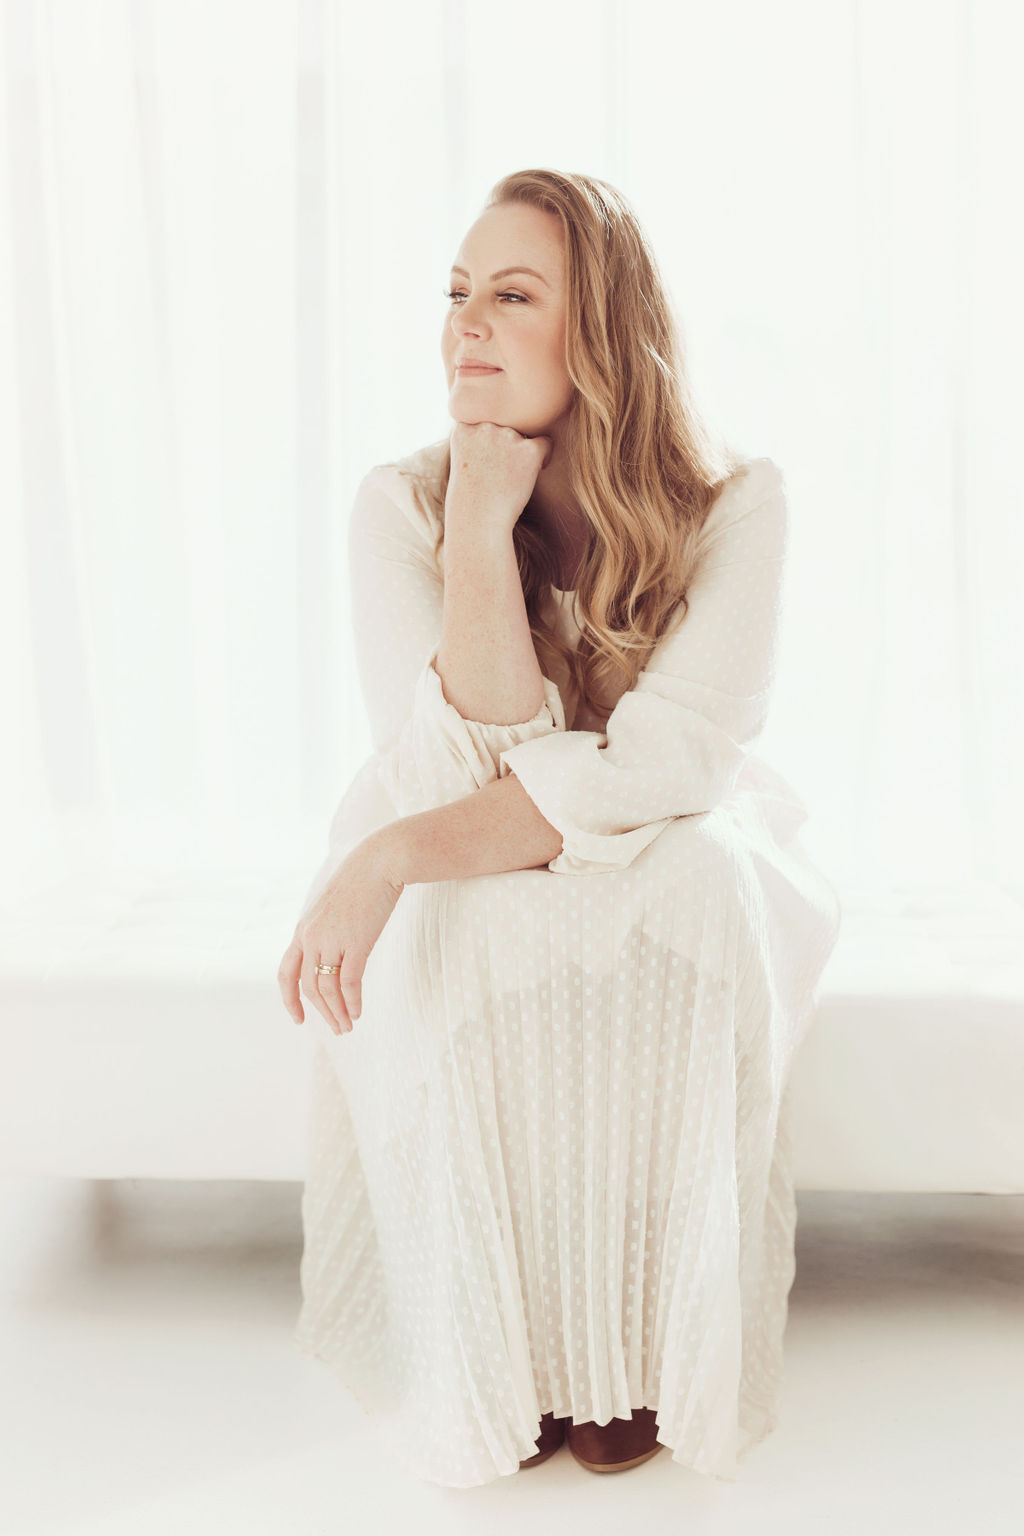 AmyAgnewPortraits-AlisonNewman-7-E